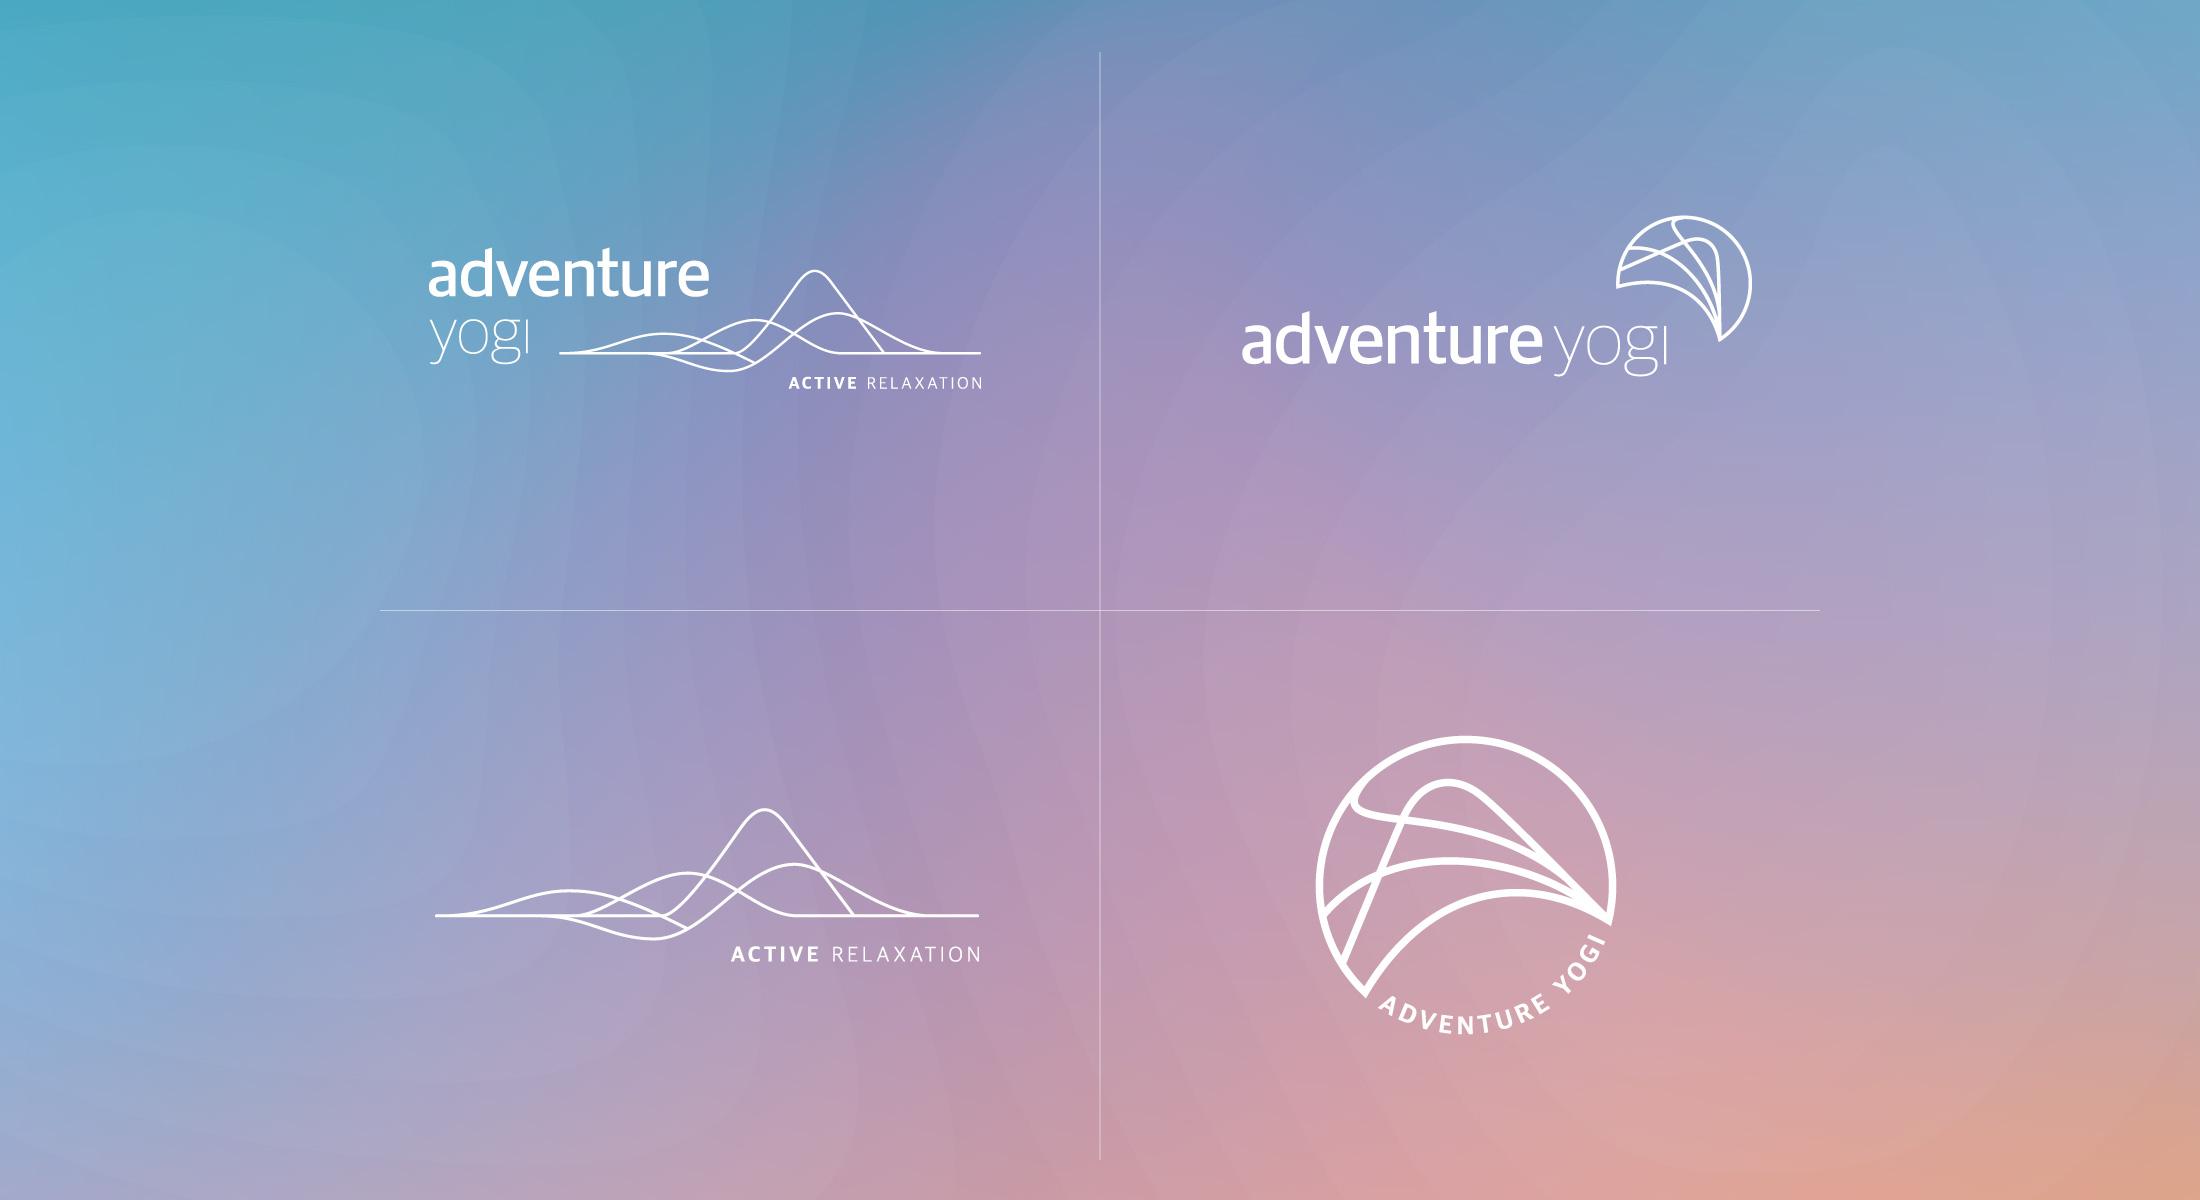 Adventure Yogi Logos